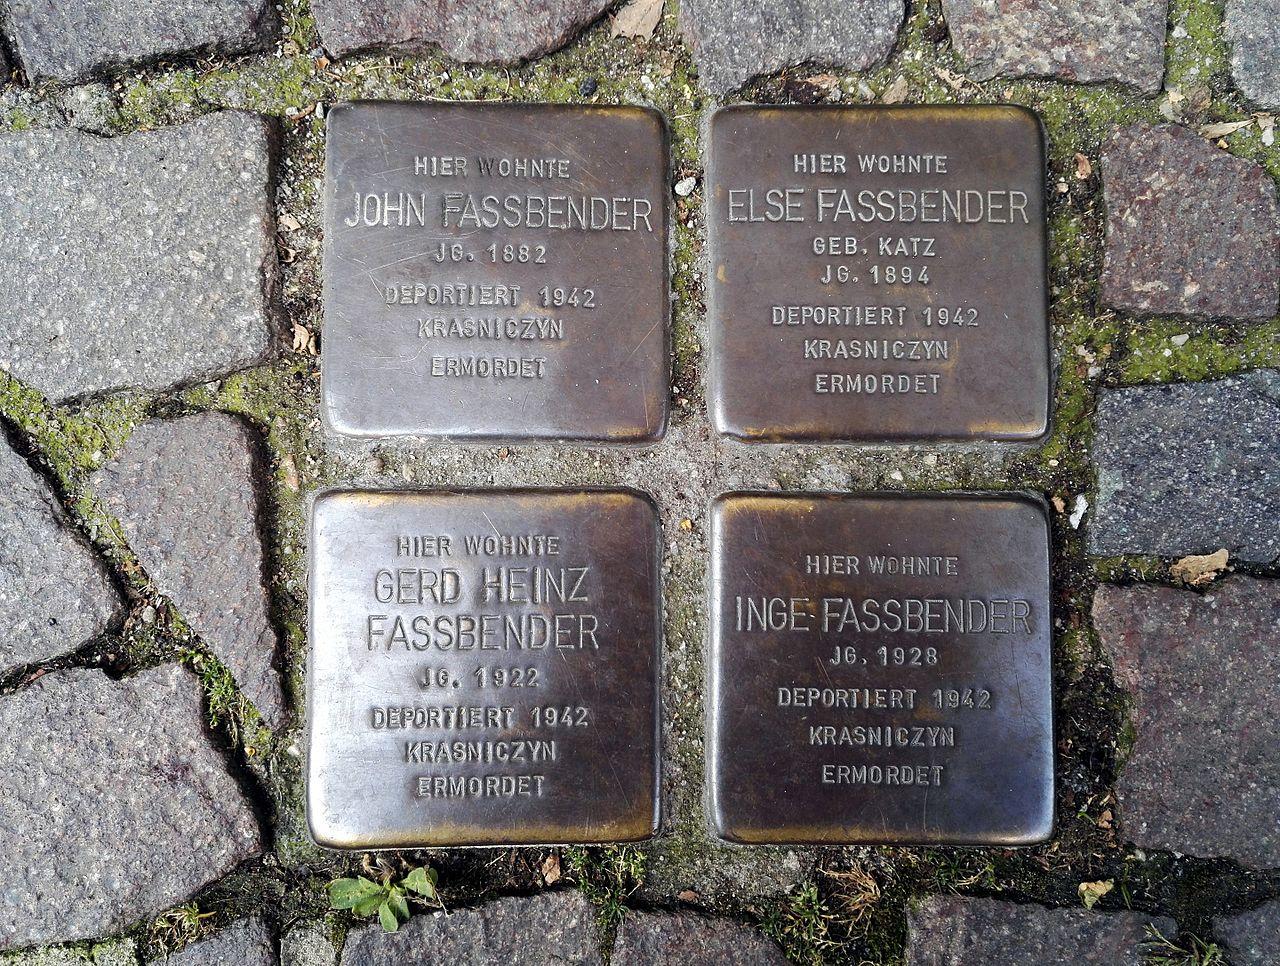 Stolpersteins John Fassbender, Else Fassbender, Gerd Heinz Fassbender, Inge Fassbender, Marktstraße 60, Remagen